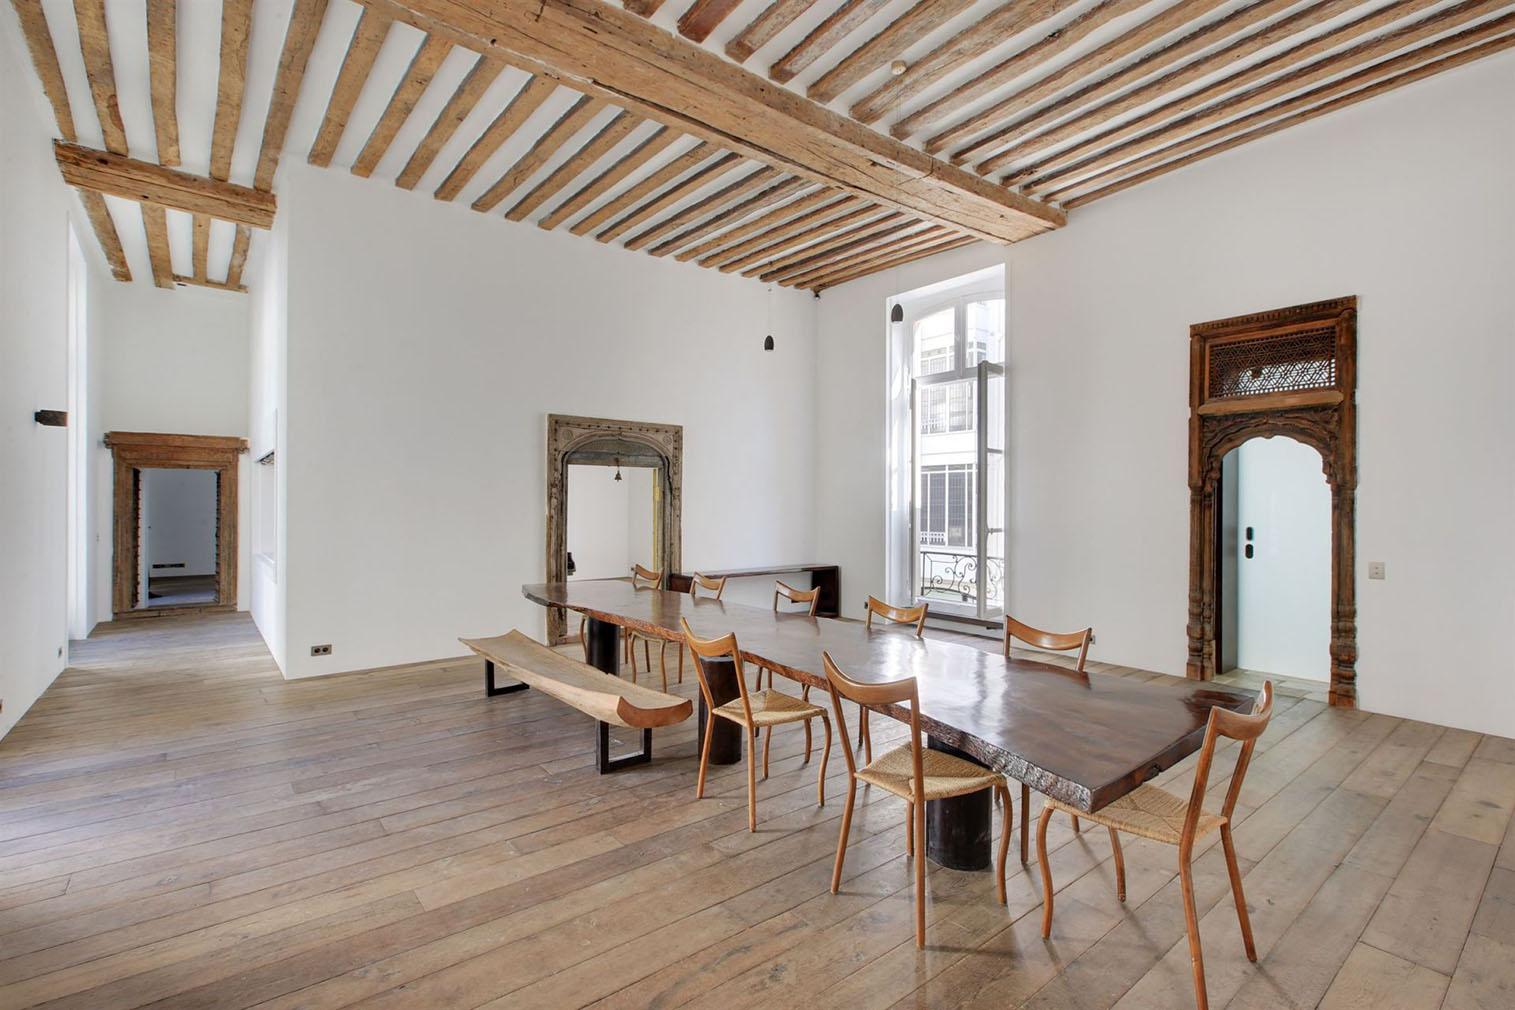 Marais loft for sale via Propriétés Parisiennes Sotheby's International Realty